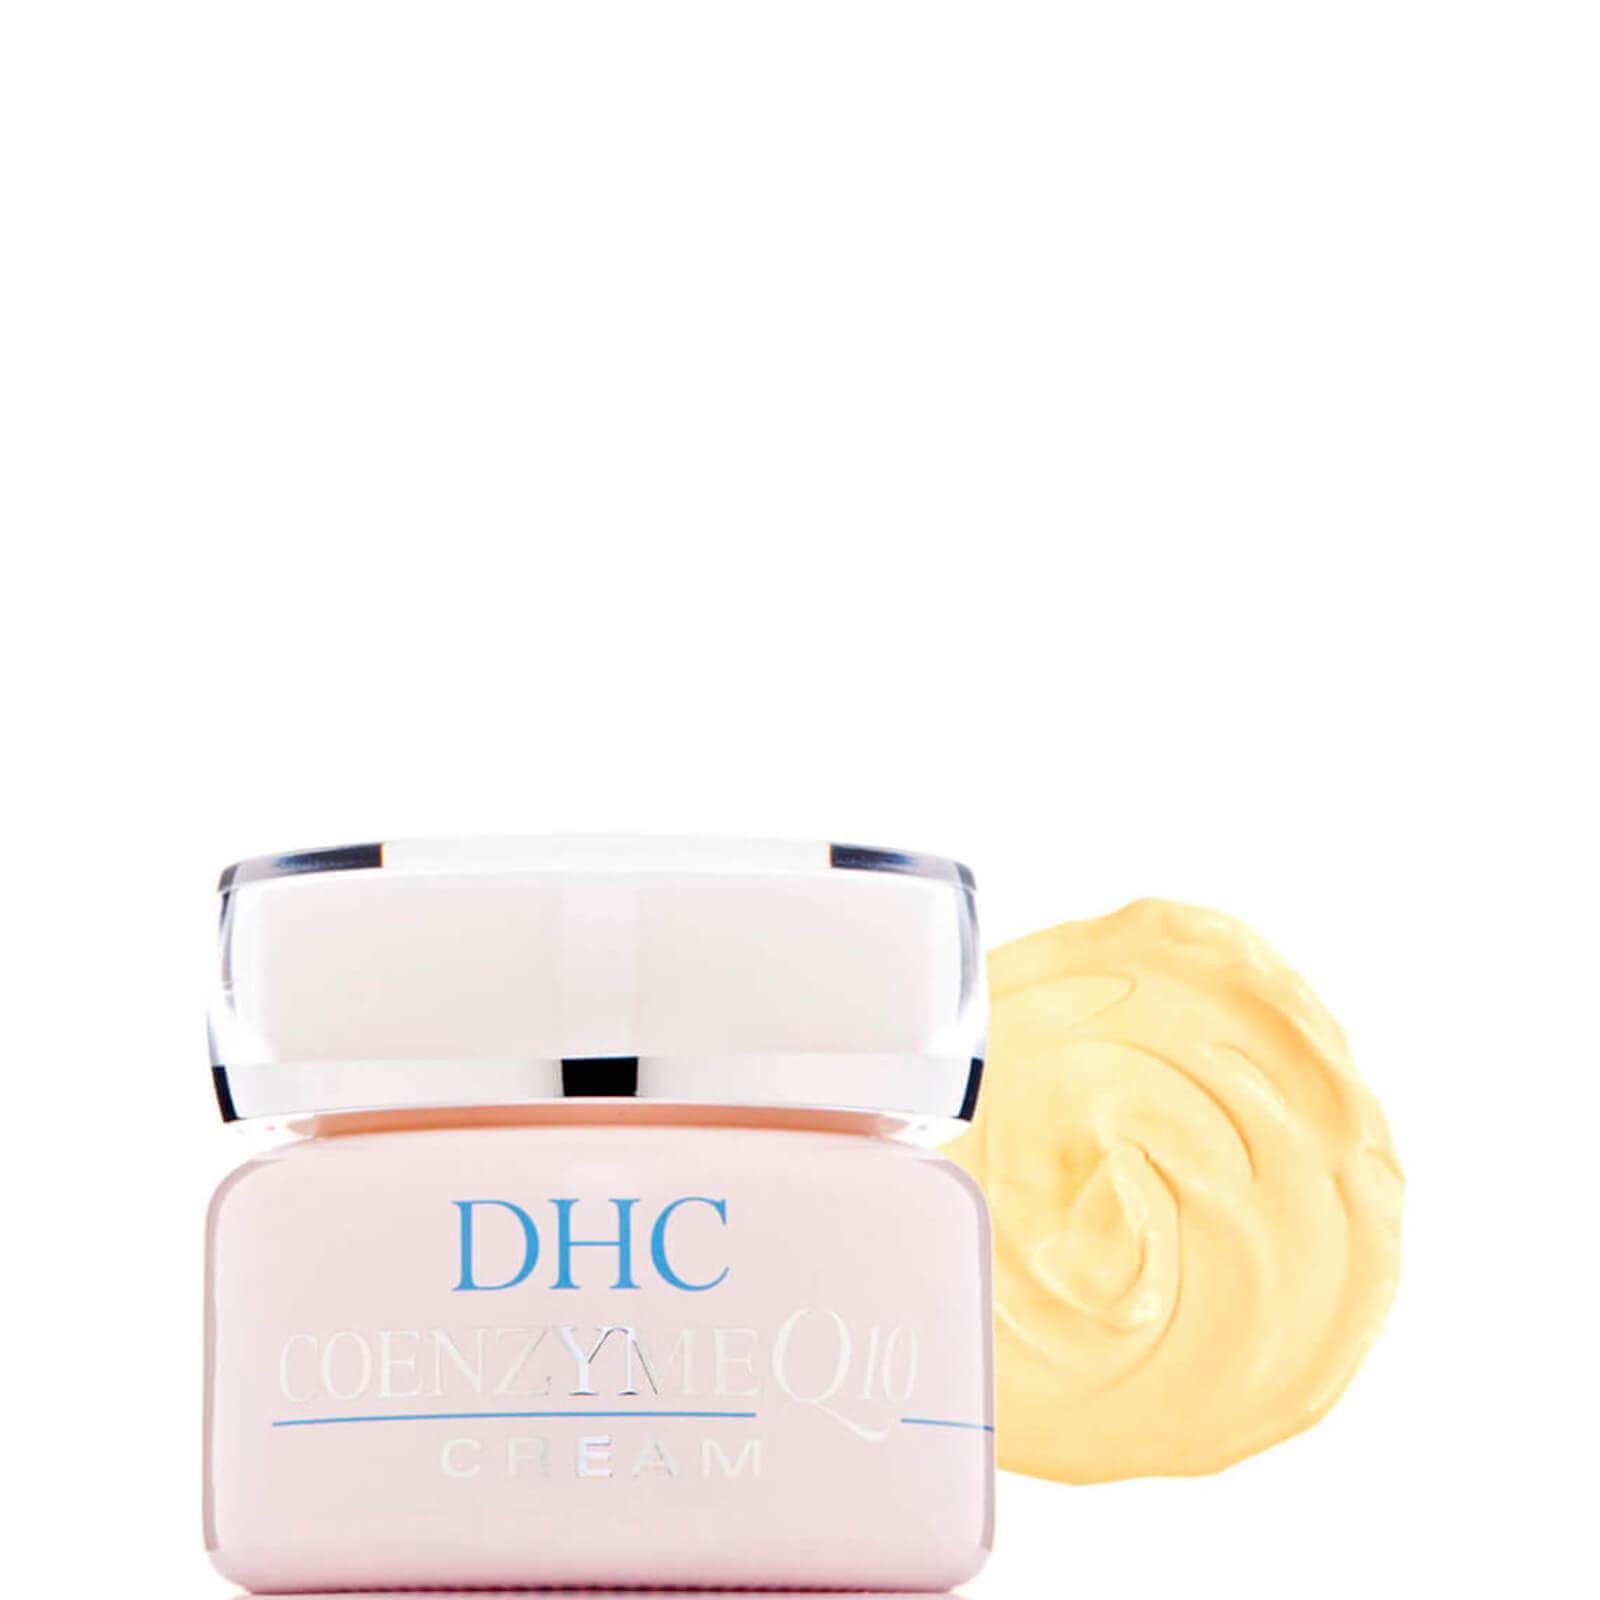 Крем для лица с коэнзимом Q10 DHC Q10 Cream (30 г)  - Купить